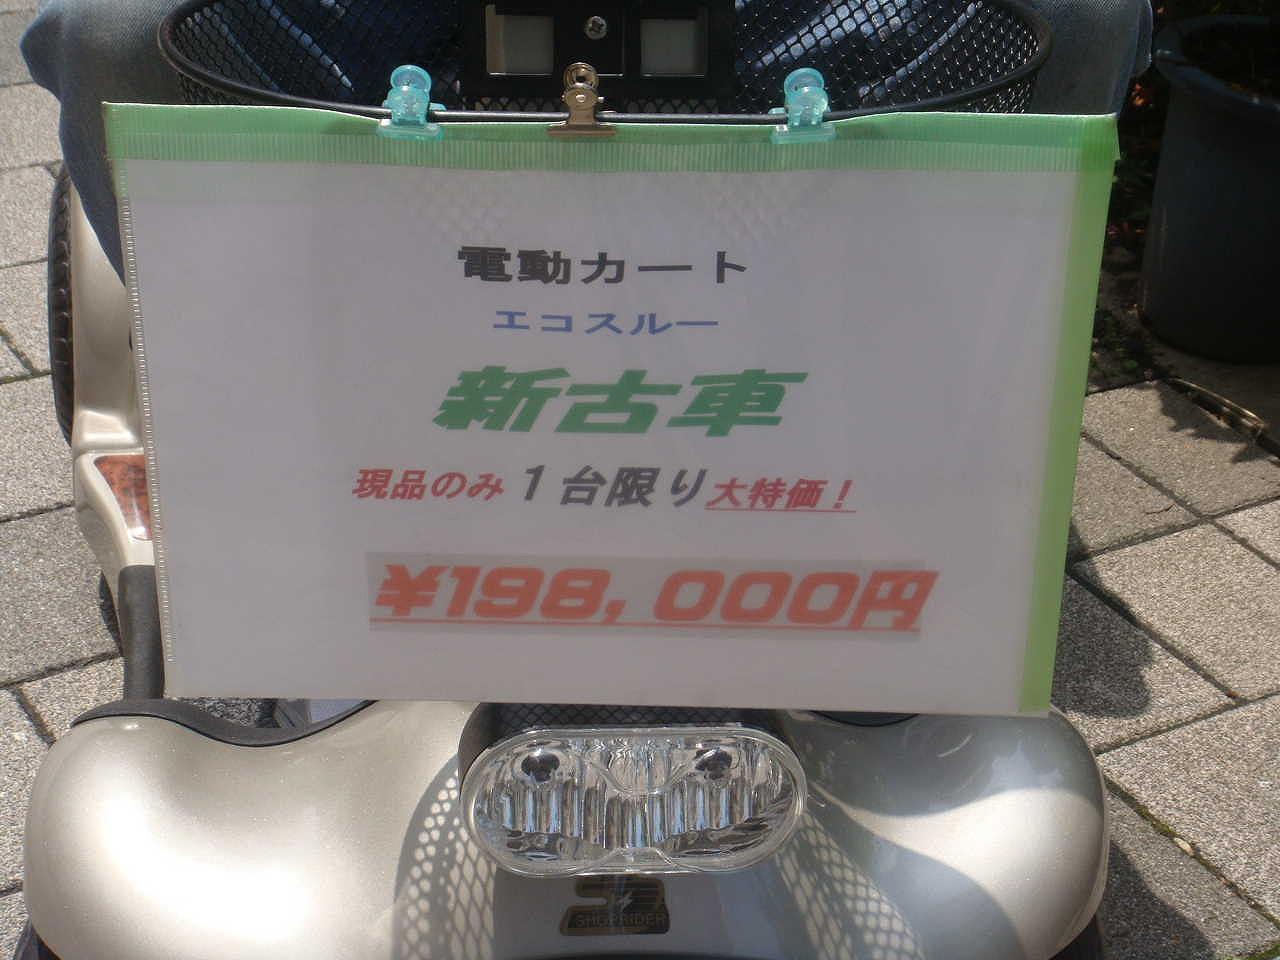 待望の新古車ショップライダー エコスルーが出ました。値段はなんと¥198,000!社長のイチオシに載っています。